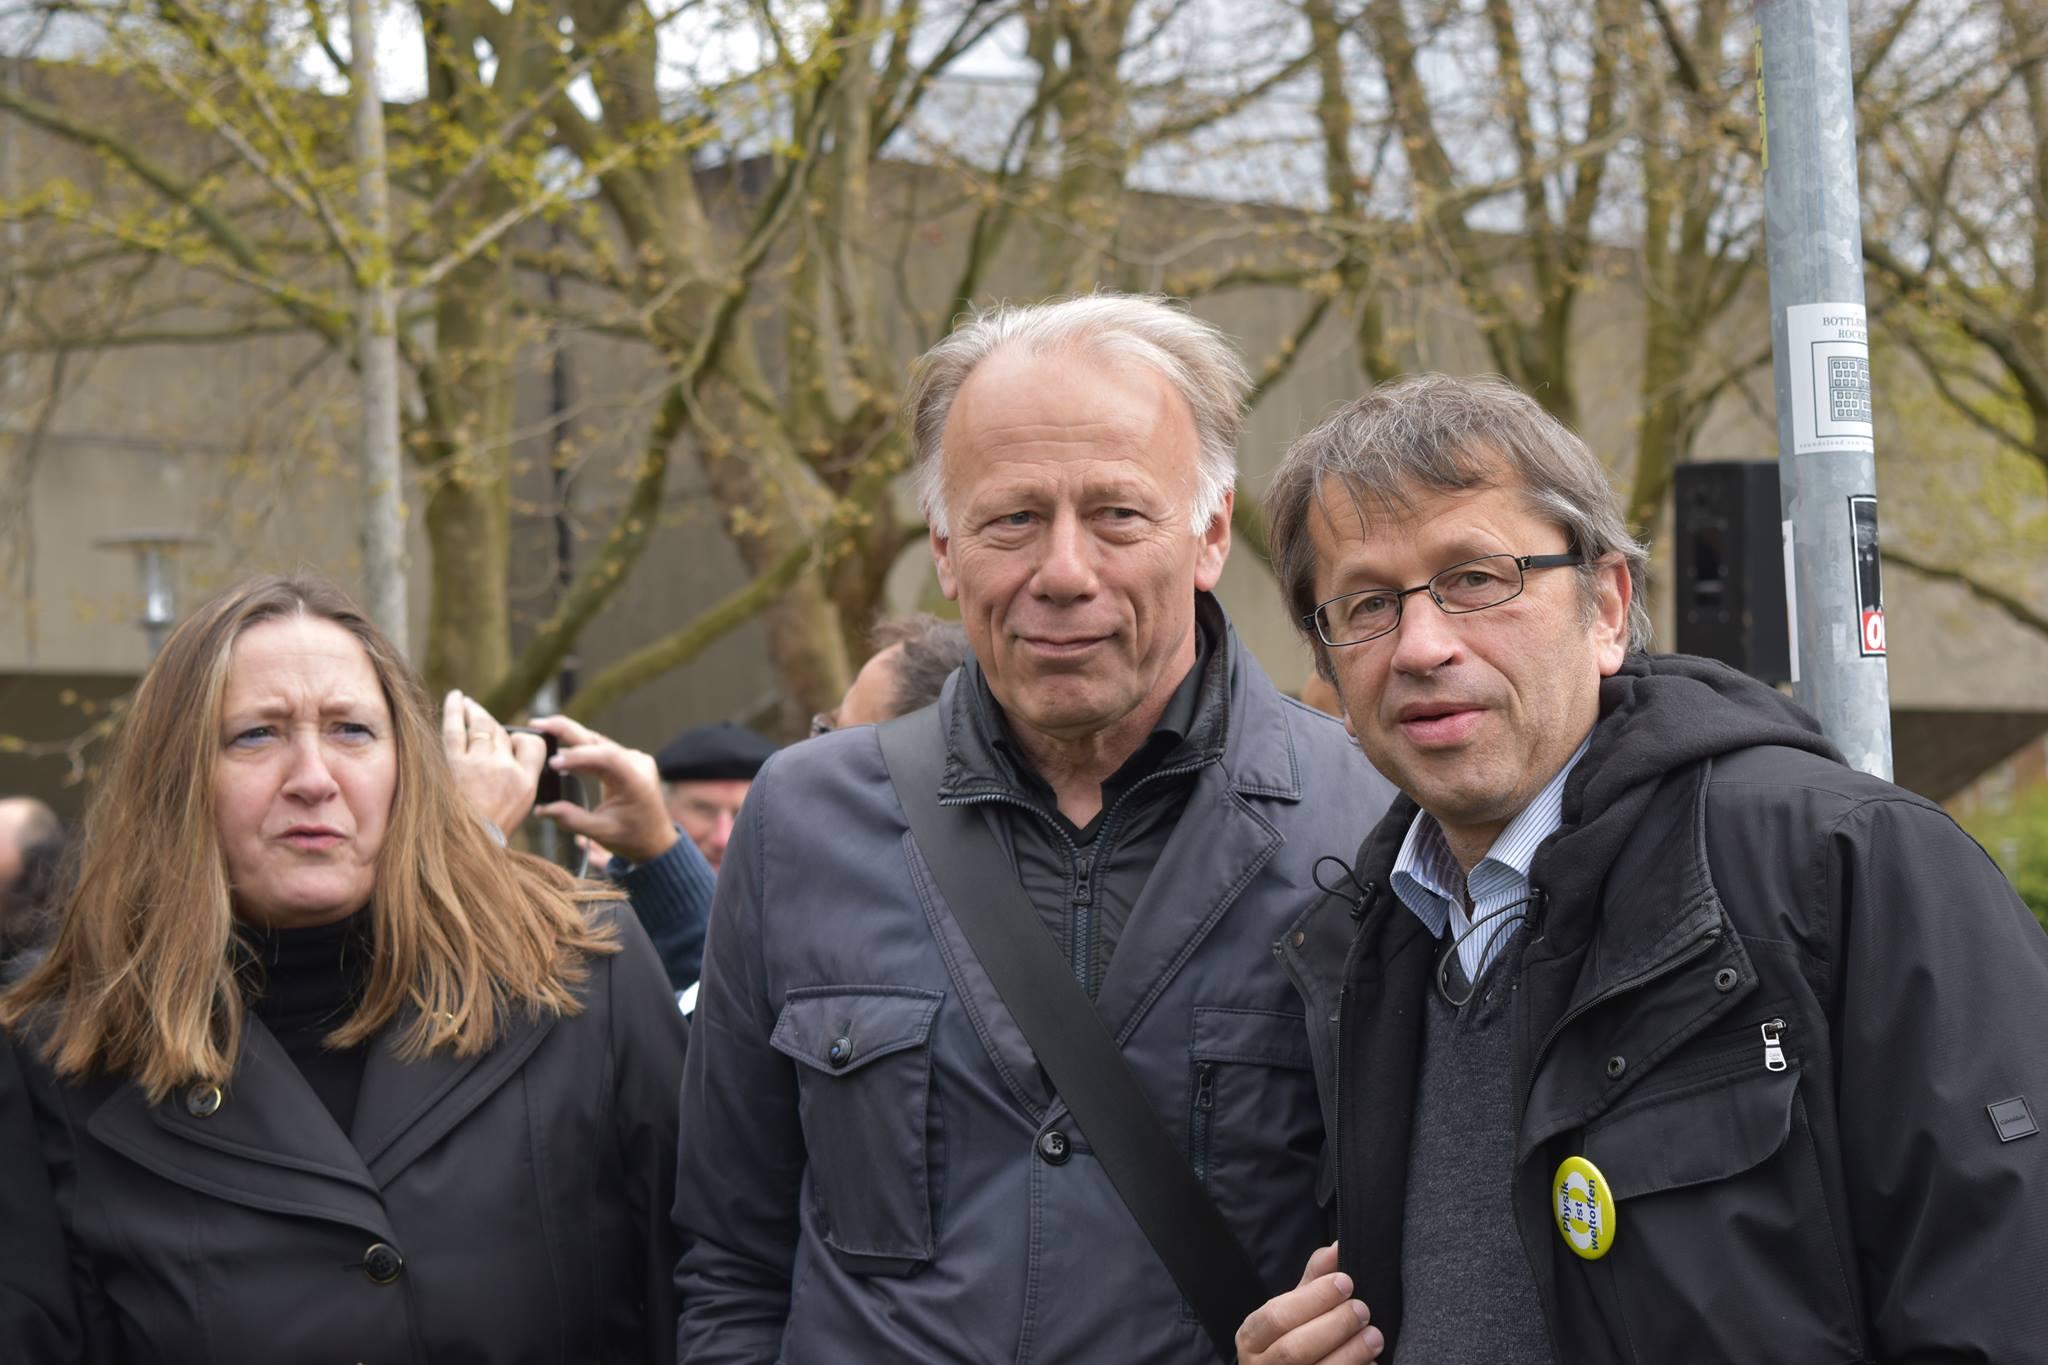 Bekanntes Gesicht: Bundespolitiker Jürgen Trittin auf dem Platz der Göttinger Sieben. Foto: Hatice Karakus